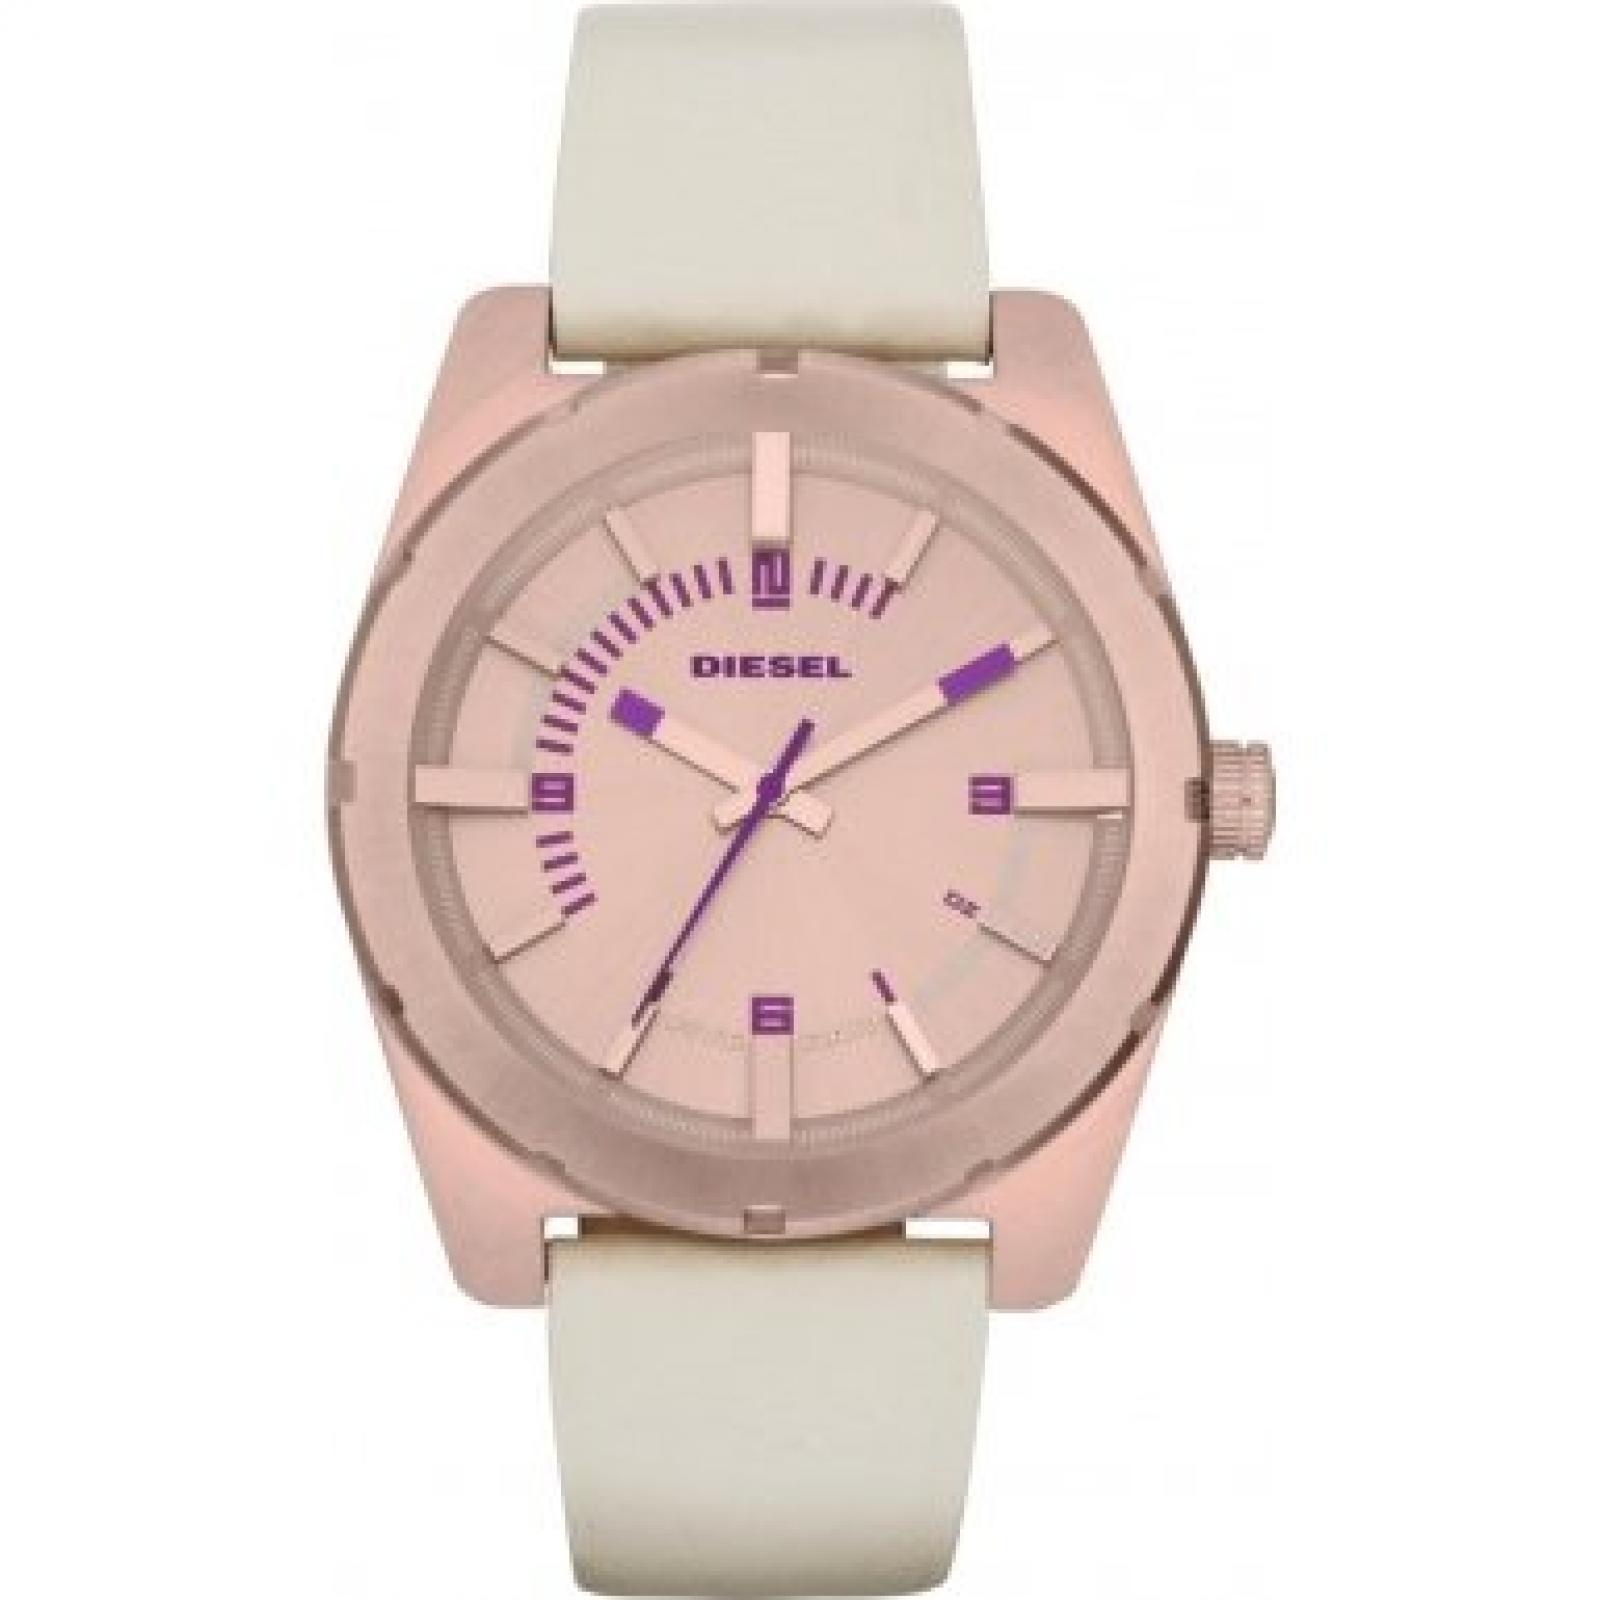 ORIGINAL DIESEL Uhren Good Company Damen - DZ5358